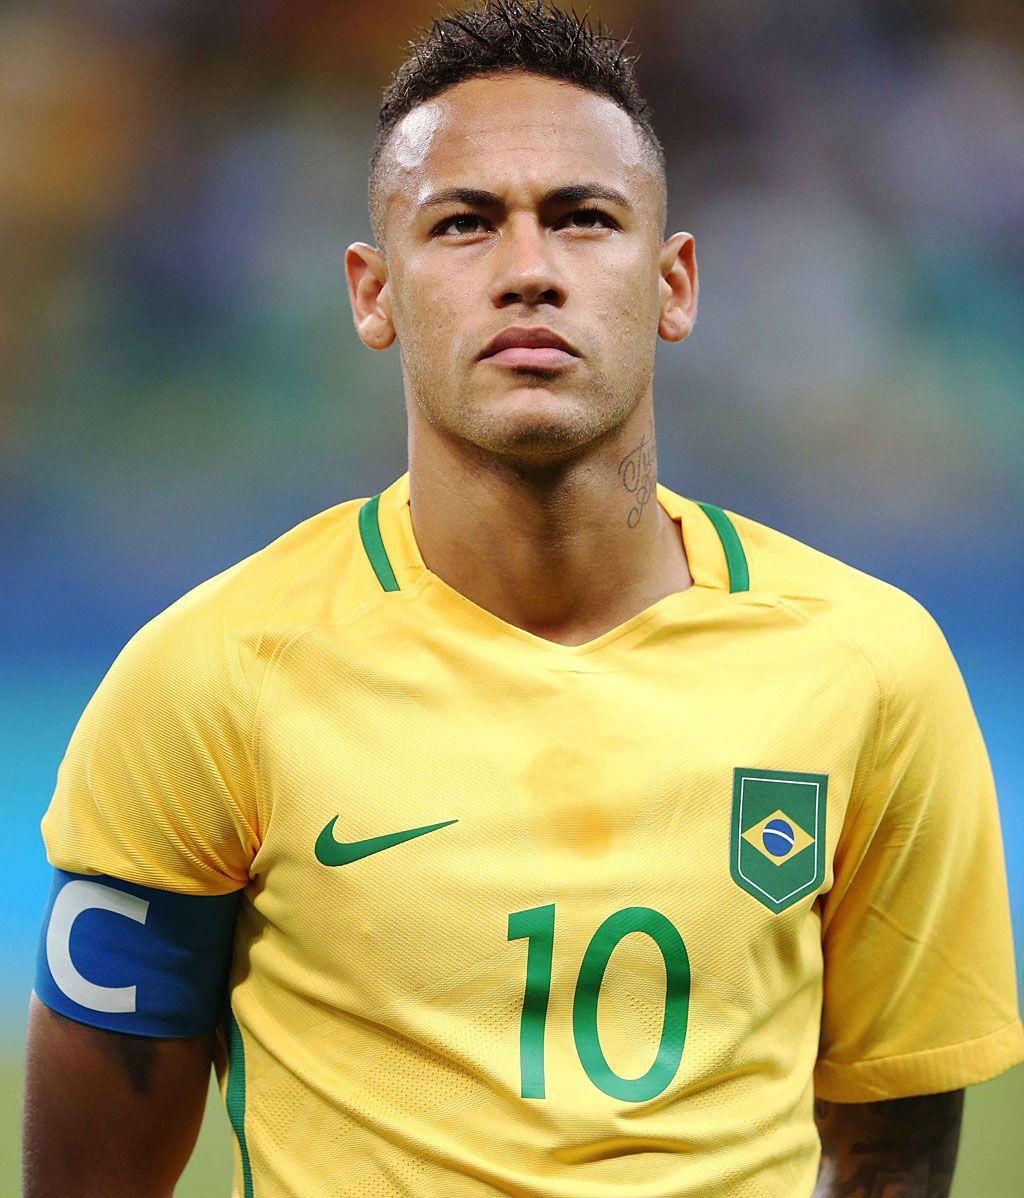 Neymar J.r. Se ara con la copa del mundo en Rusia 2018, acabando con la sequía de brasil. Esta selección no gana un mundial desde 2002 en el mundial celebrado en Japón y Corea